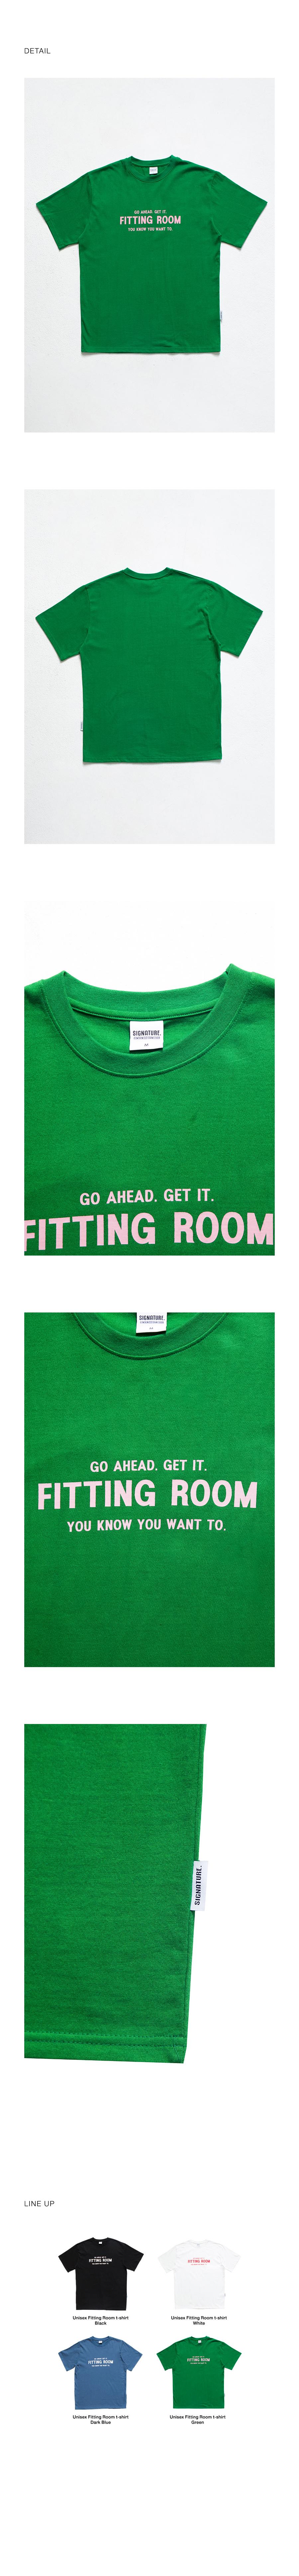 시그니처(SIGNATURE) 유니섹스 피팅룸 티셔츠 [그린] (16수)